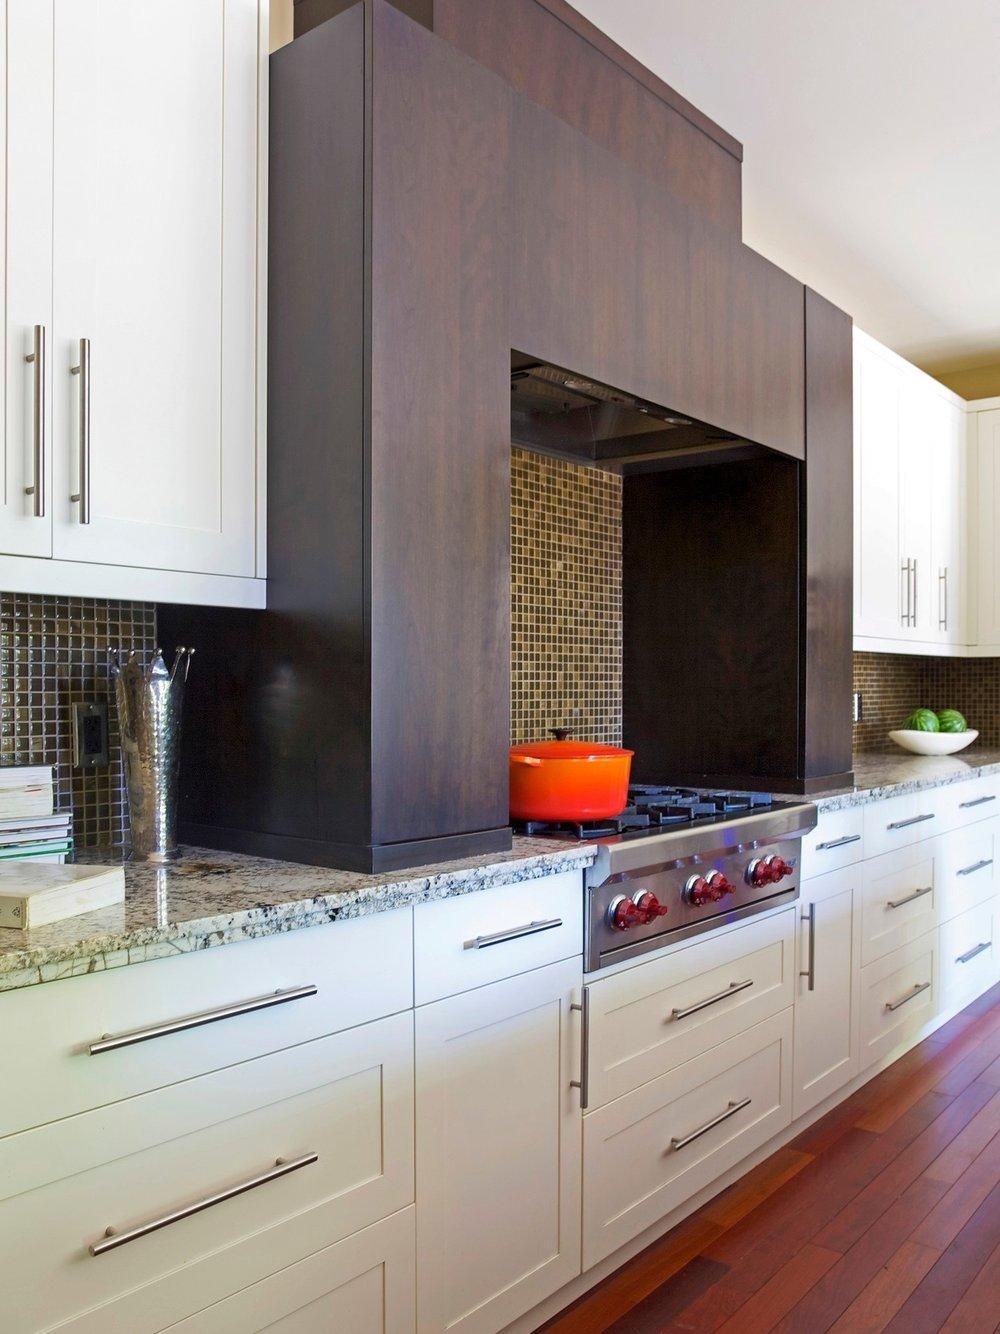 SCID_elbowpark_kitchen10.jpg